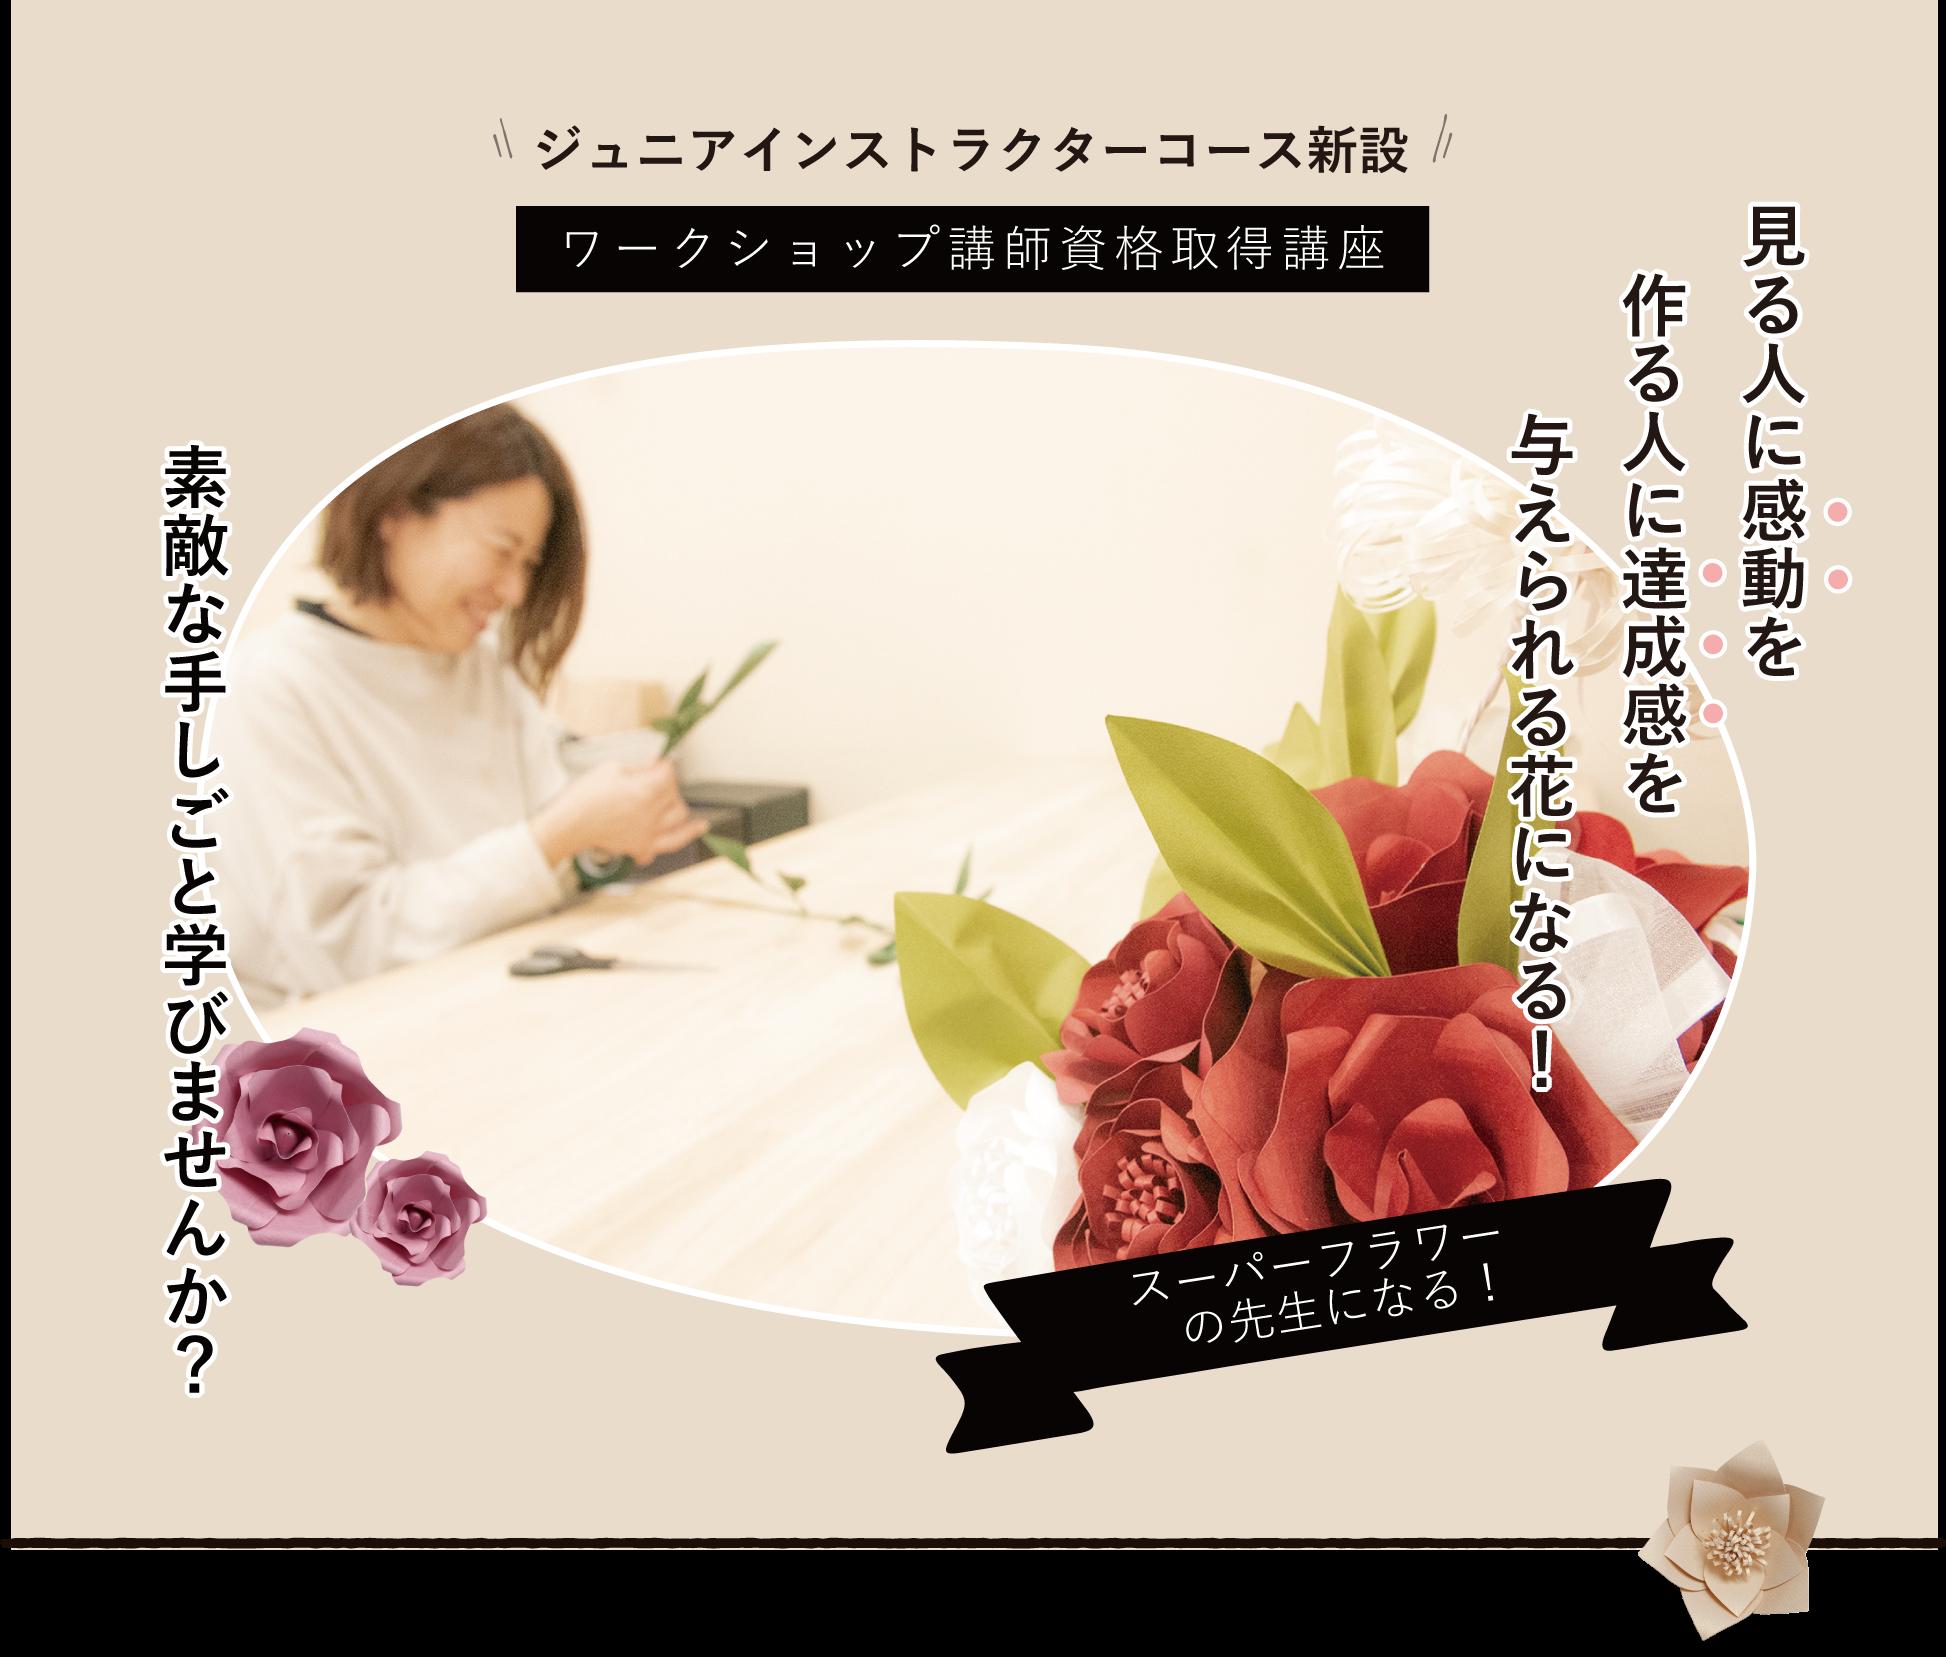 ジュニアインストラクターコース新設 見る人に感動を作る人に達成感を与えられる花になる!素敵な手しごと学びませんか?